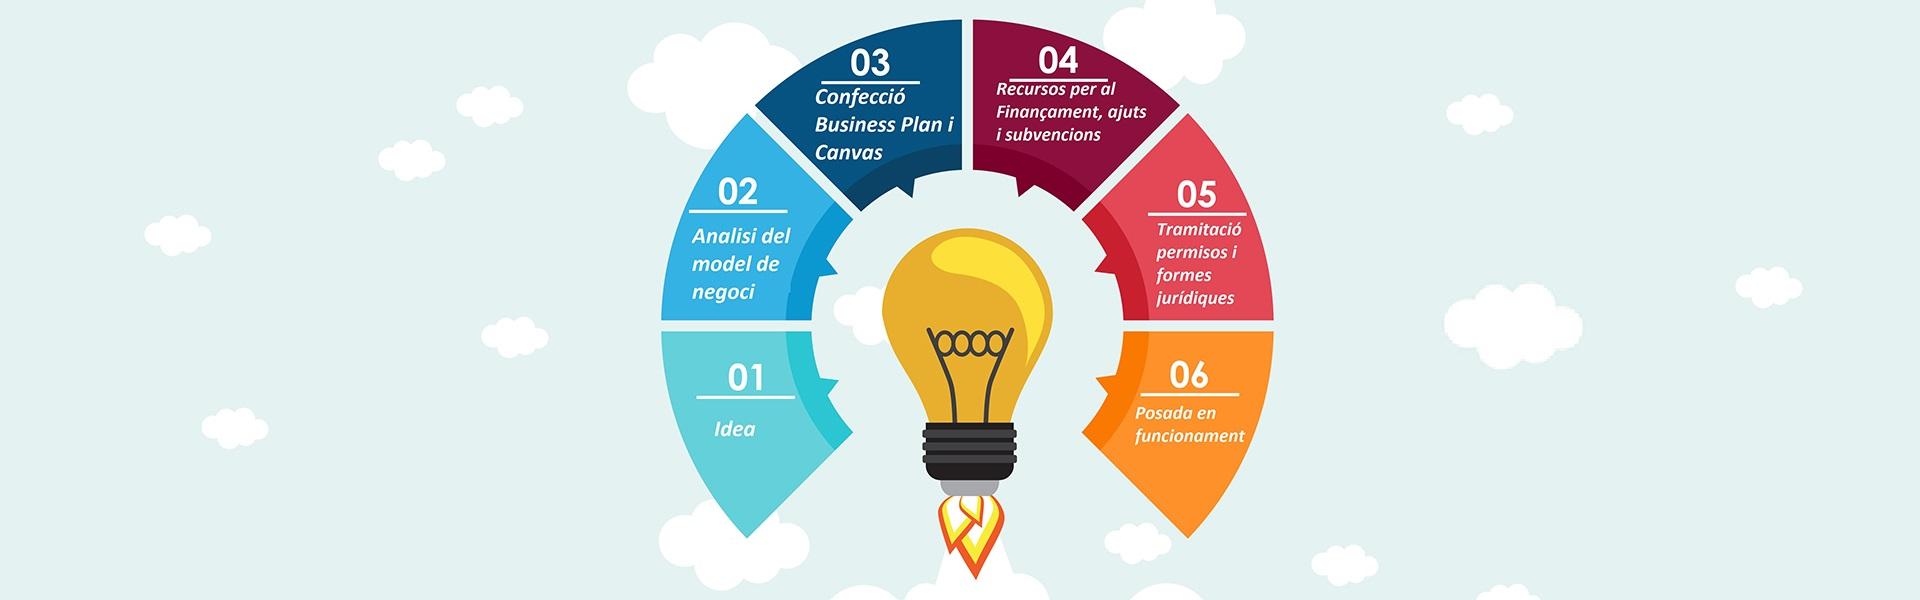 Gestoria en Lloret de mar; asesoria en Lloret de mar; asesoramiento fiscal para startup's; emprender; emprendimiento; idea de negocio; puesta en marcha funcionamiento; startups